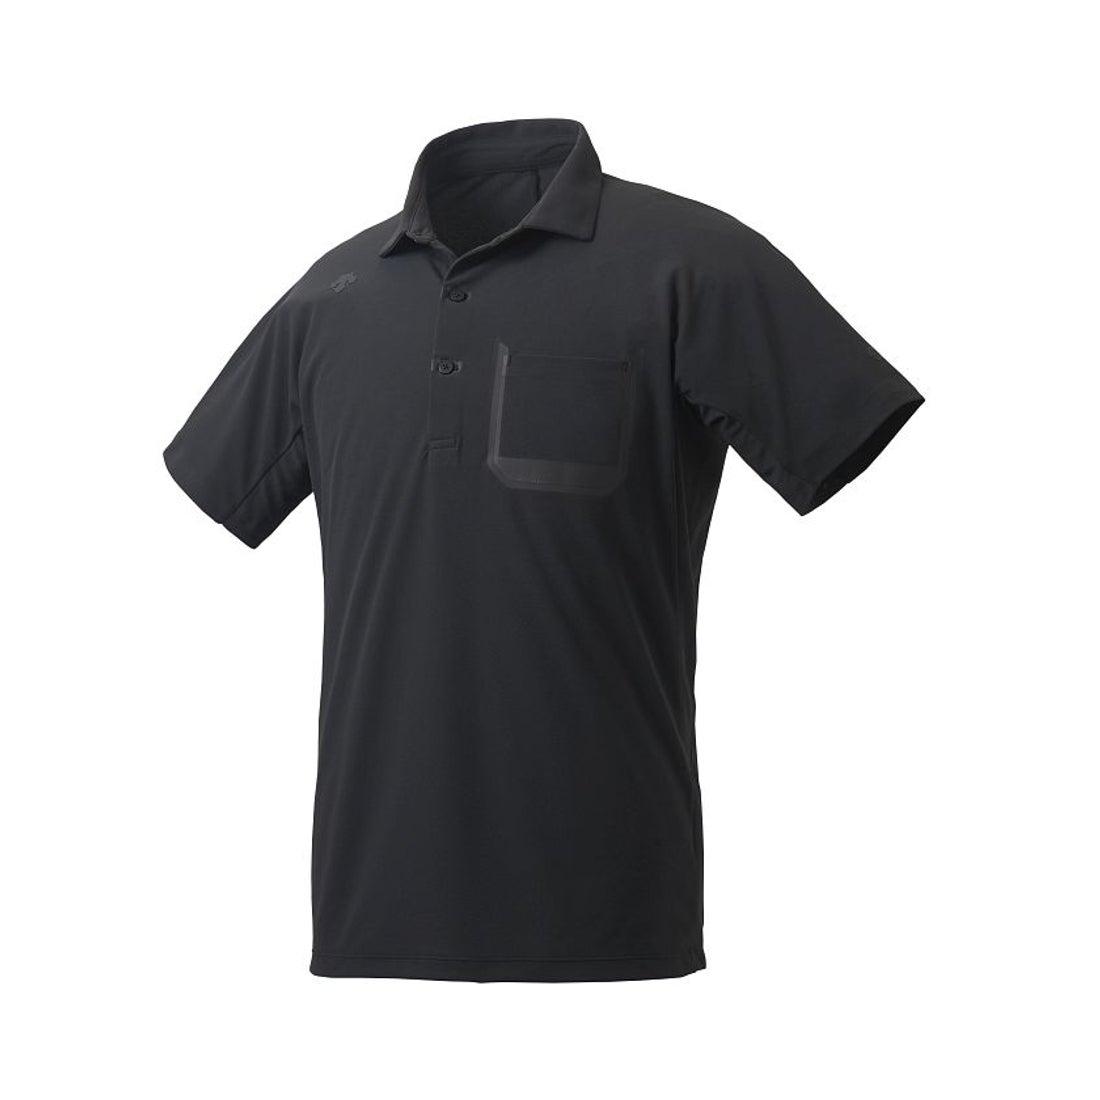 ロコンド 靴とファッションの通販サイトDESCENTE 【ZERO STYLE】サンスクリーン ポロシャツ(ブラック系)【返品不可商品】